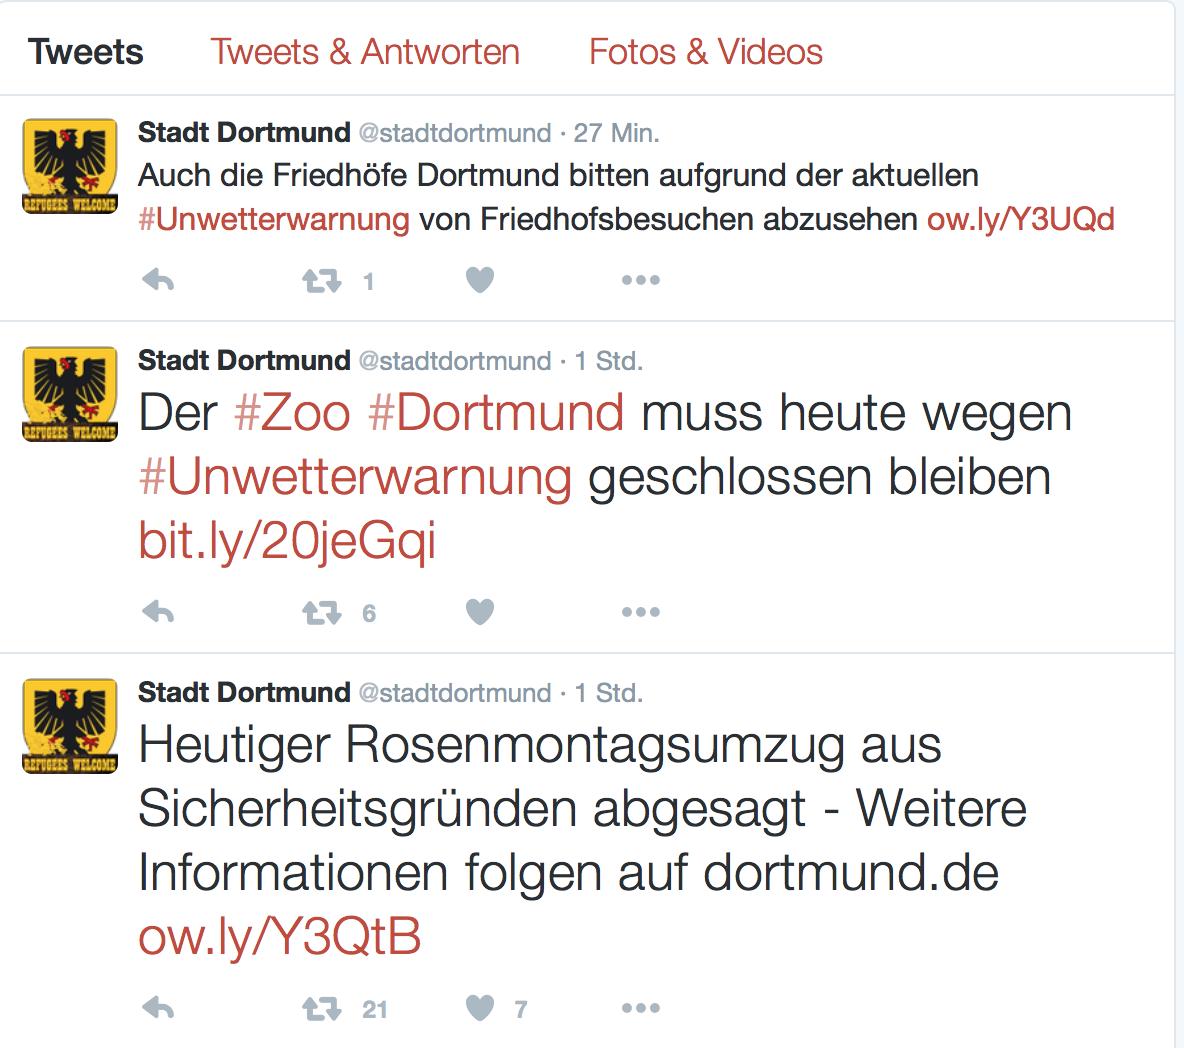 Keine schönen Nachrichten hält die Stadt Dortmund heute bereit.